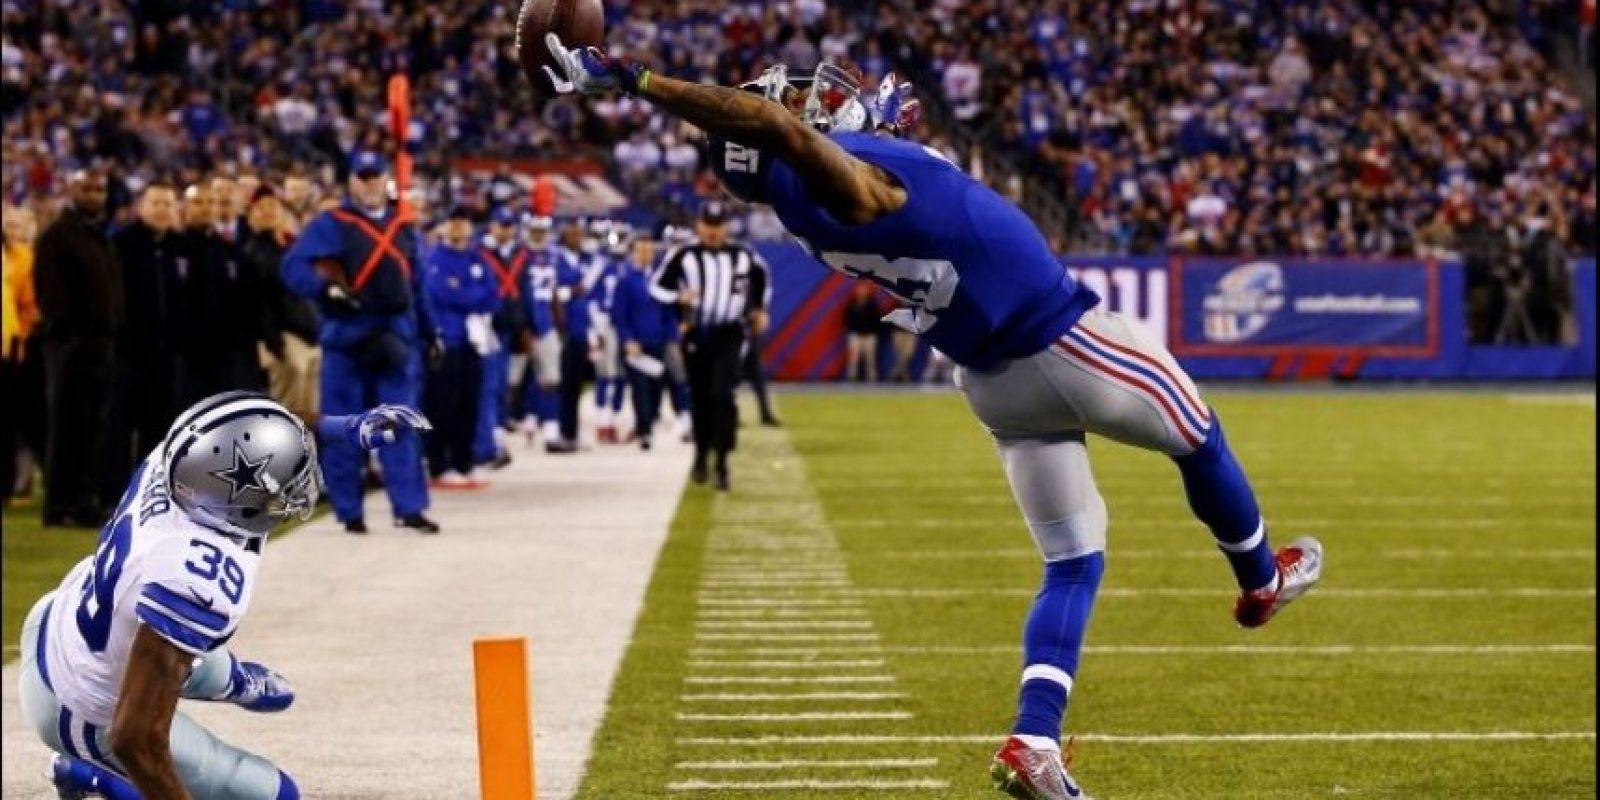 """Segundo lugar """"Deportes"""": Al Bello, de Estados Unidos, captó la atrapada que realizó Odell Beckham en el partido entre los Gigantes de Nueva York y los Vaqueros de Dallas Foto:World Press Photo 2015"""